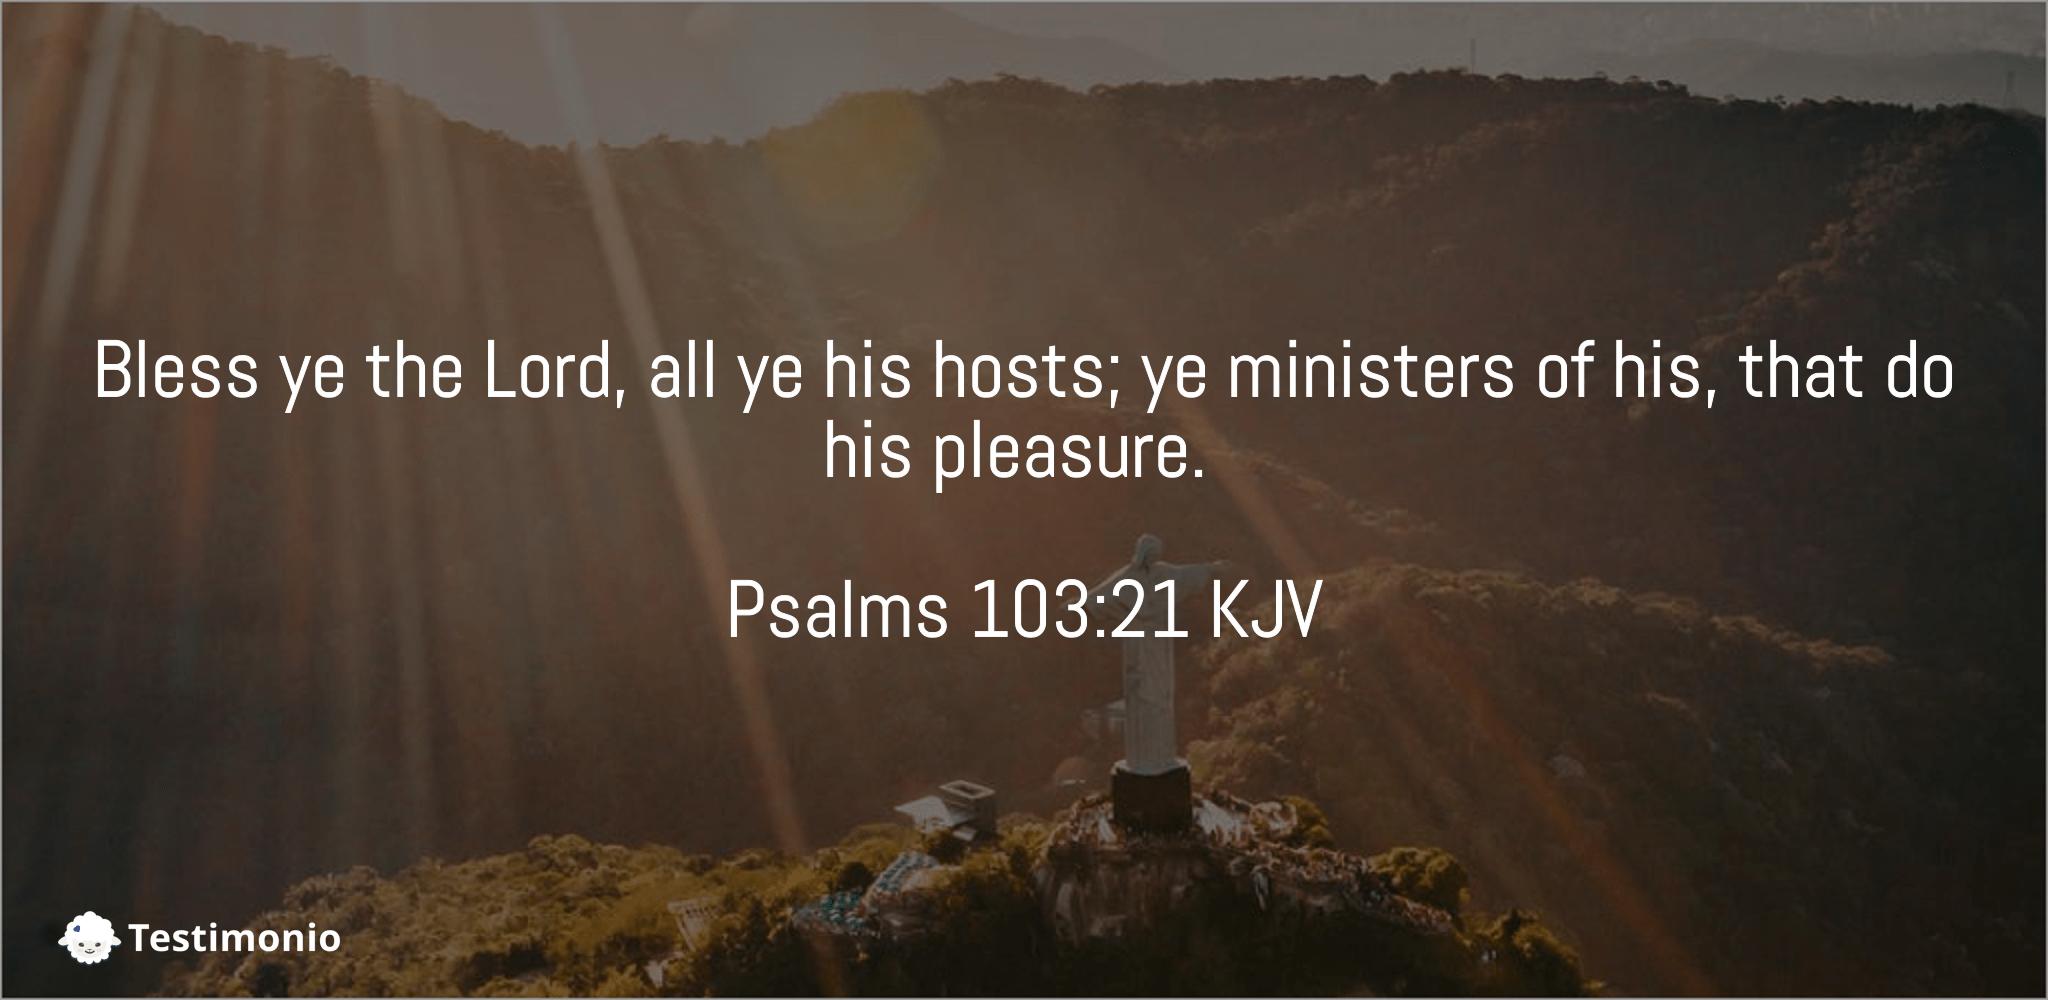 Psalms 103:21